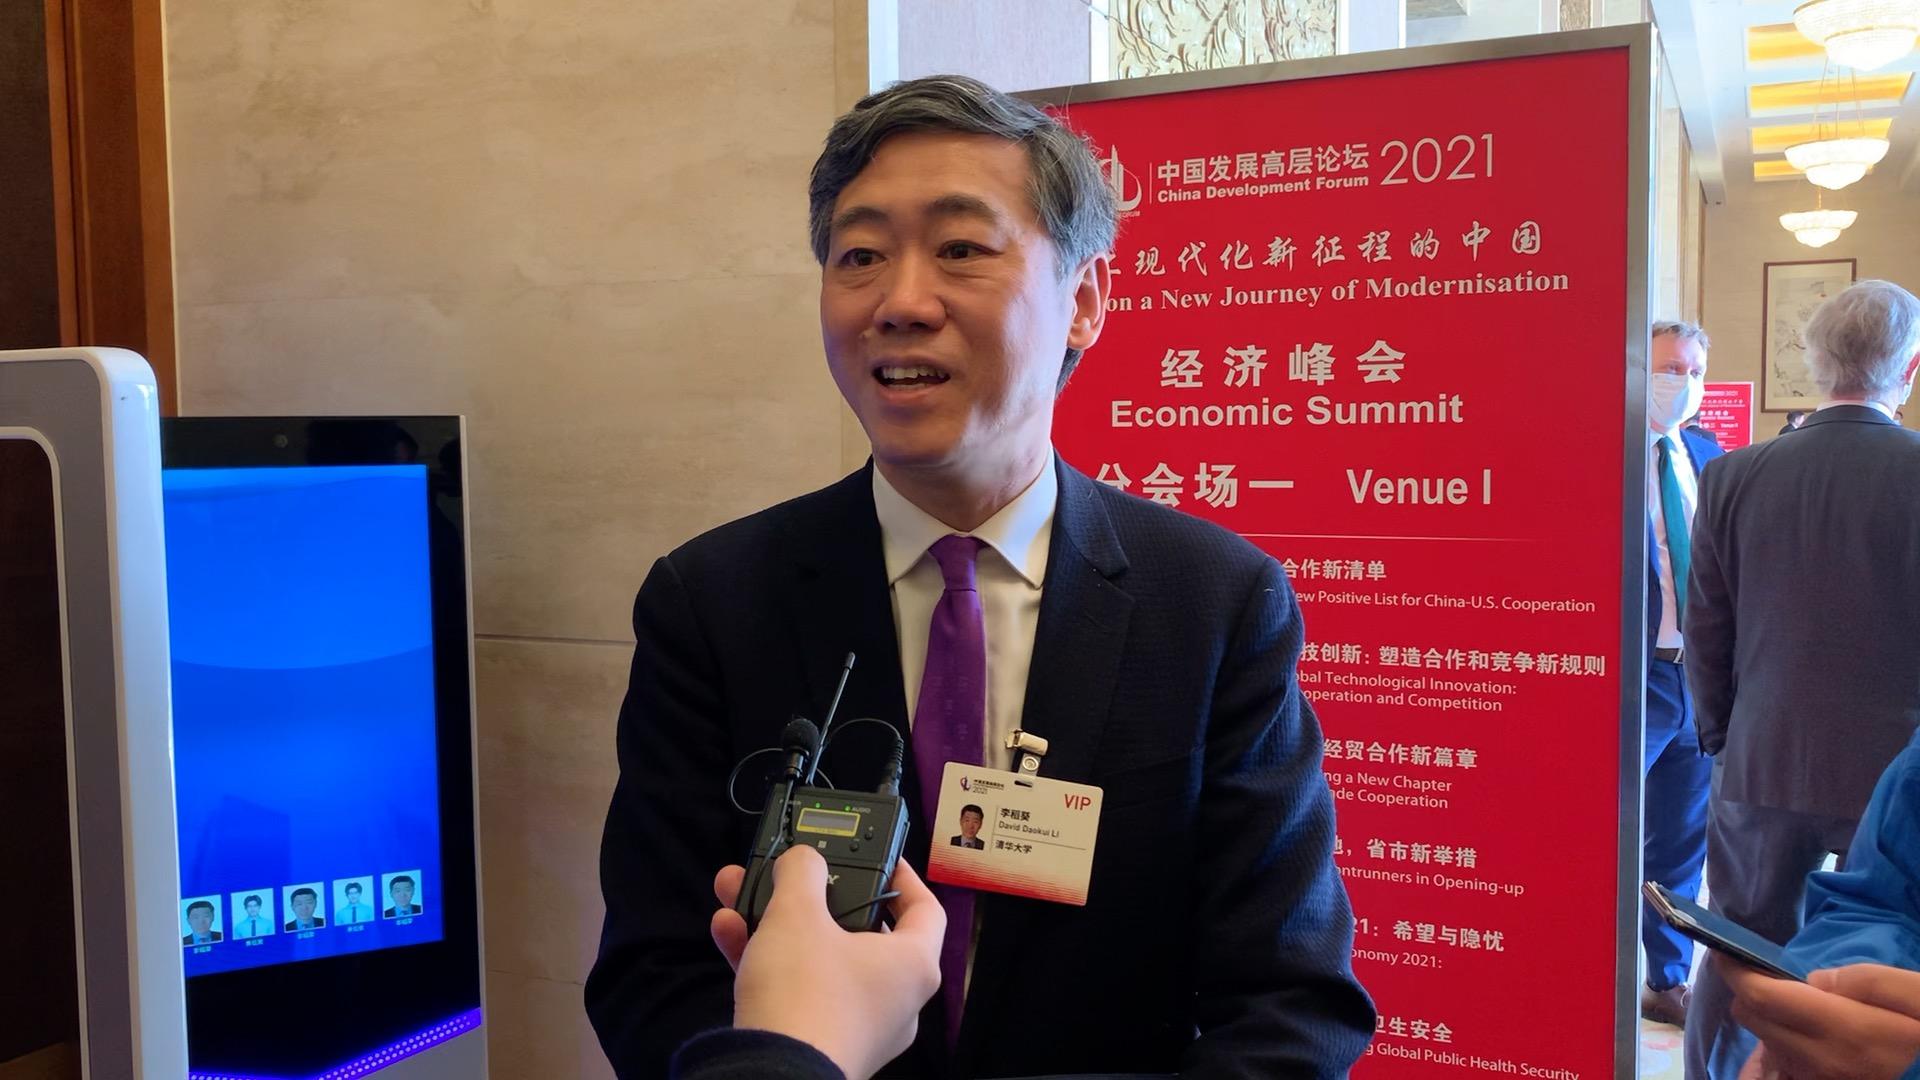 Trung Quốc lo sợ dòng vốn tháo chạy và vỡ nợ trái phiếu: 'Rủi ro như khi uống rượu' - Ảnh 1.